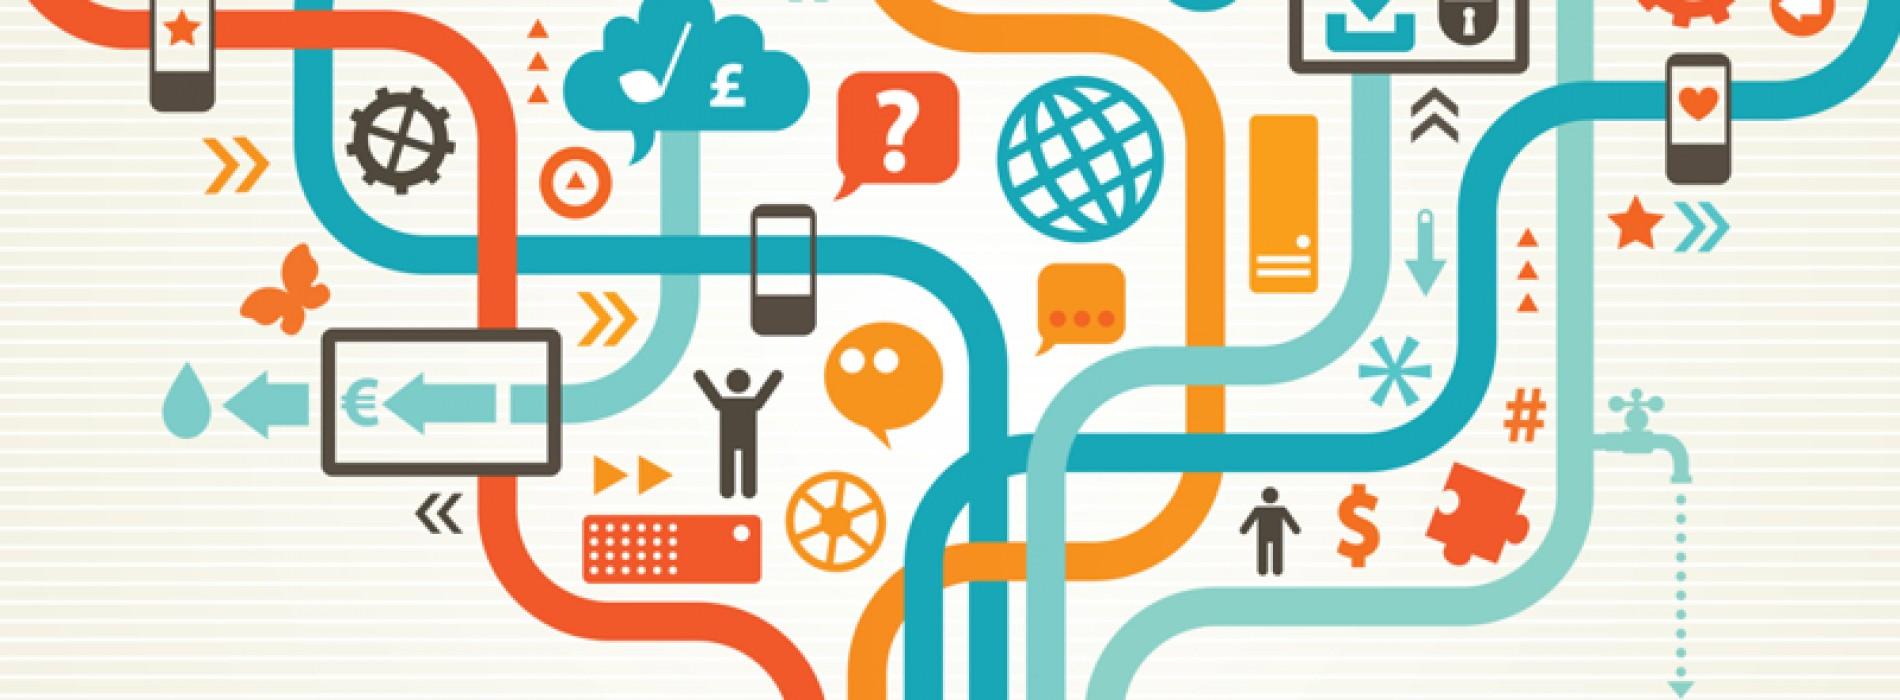 Skuteczne sposoby na promocję w branży e-commerce